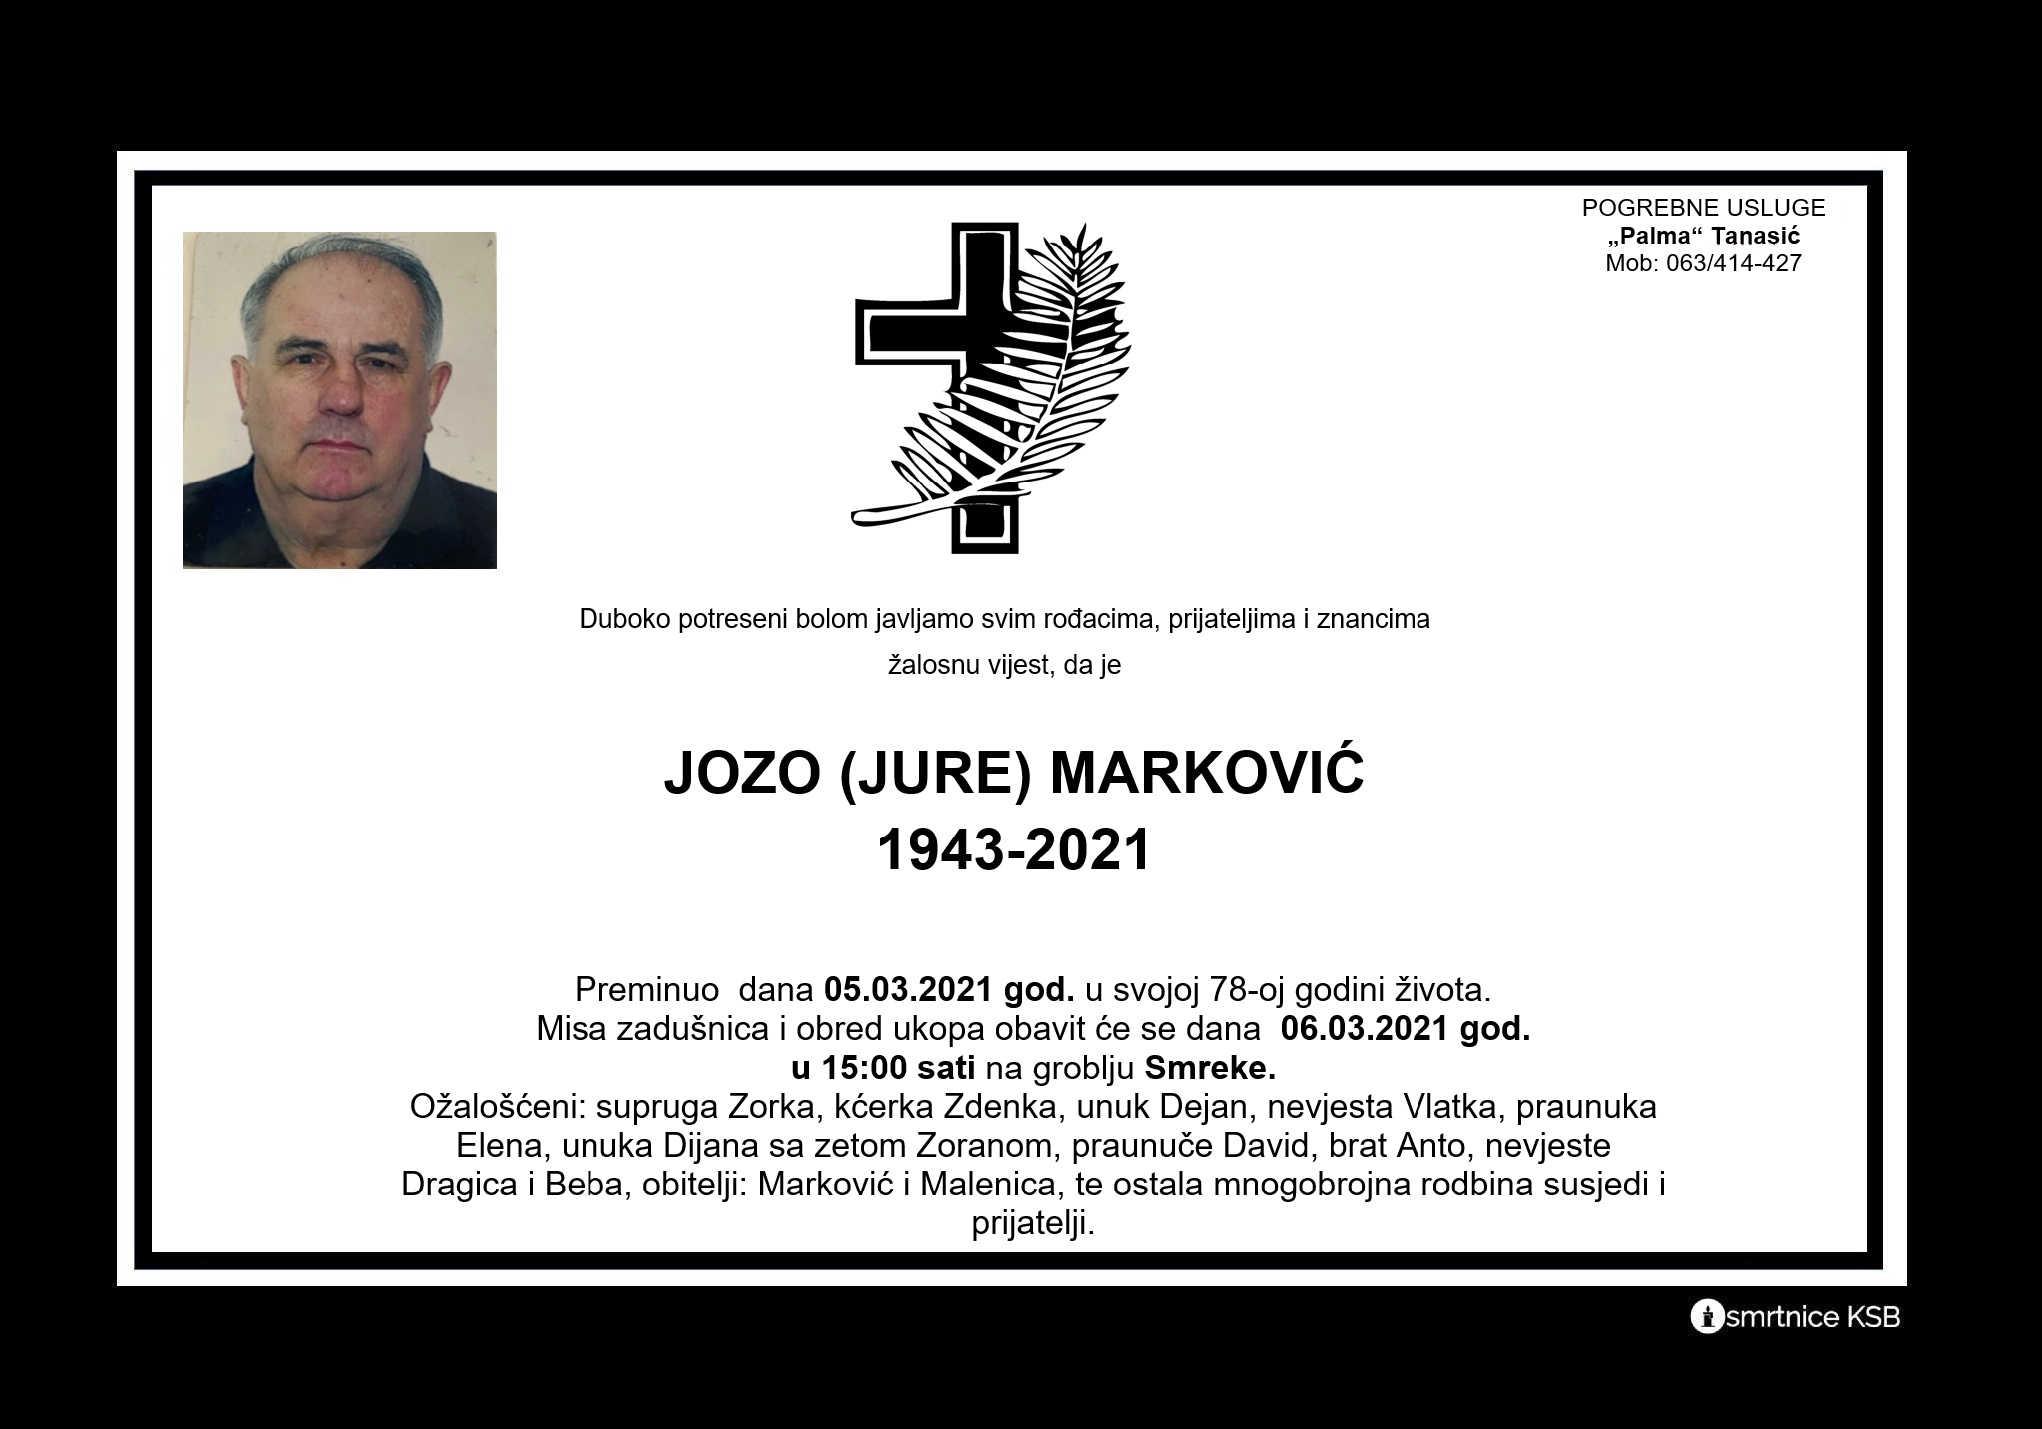 Jozo (Jure) Marković